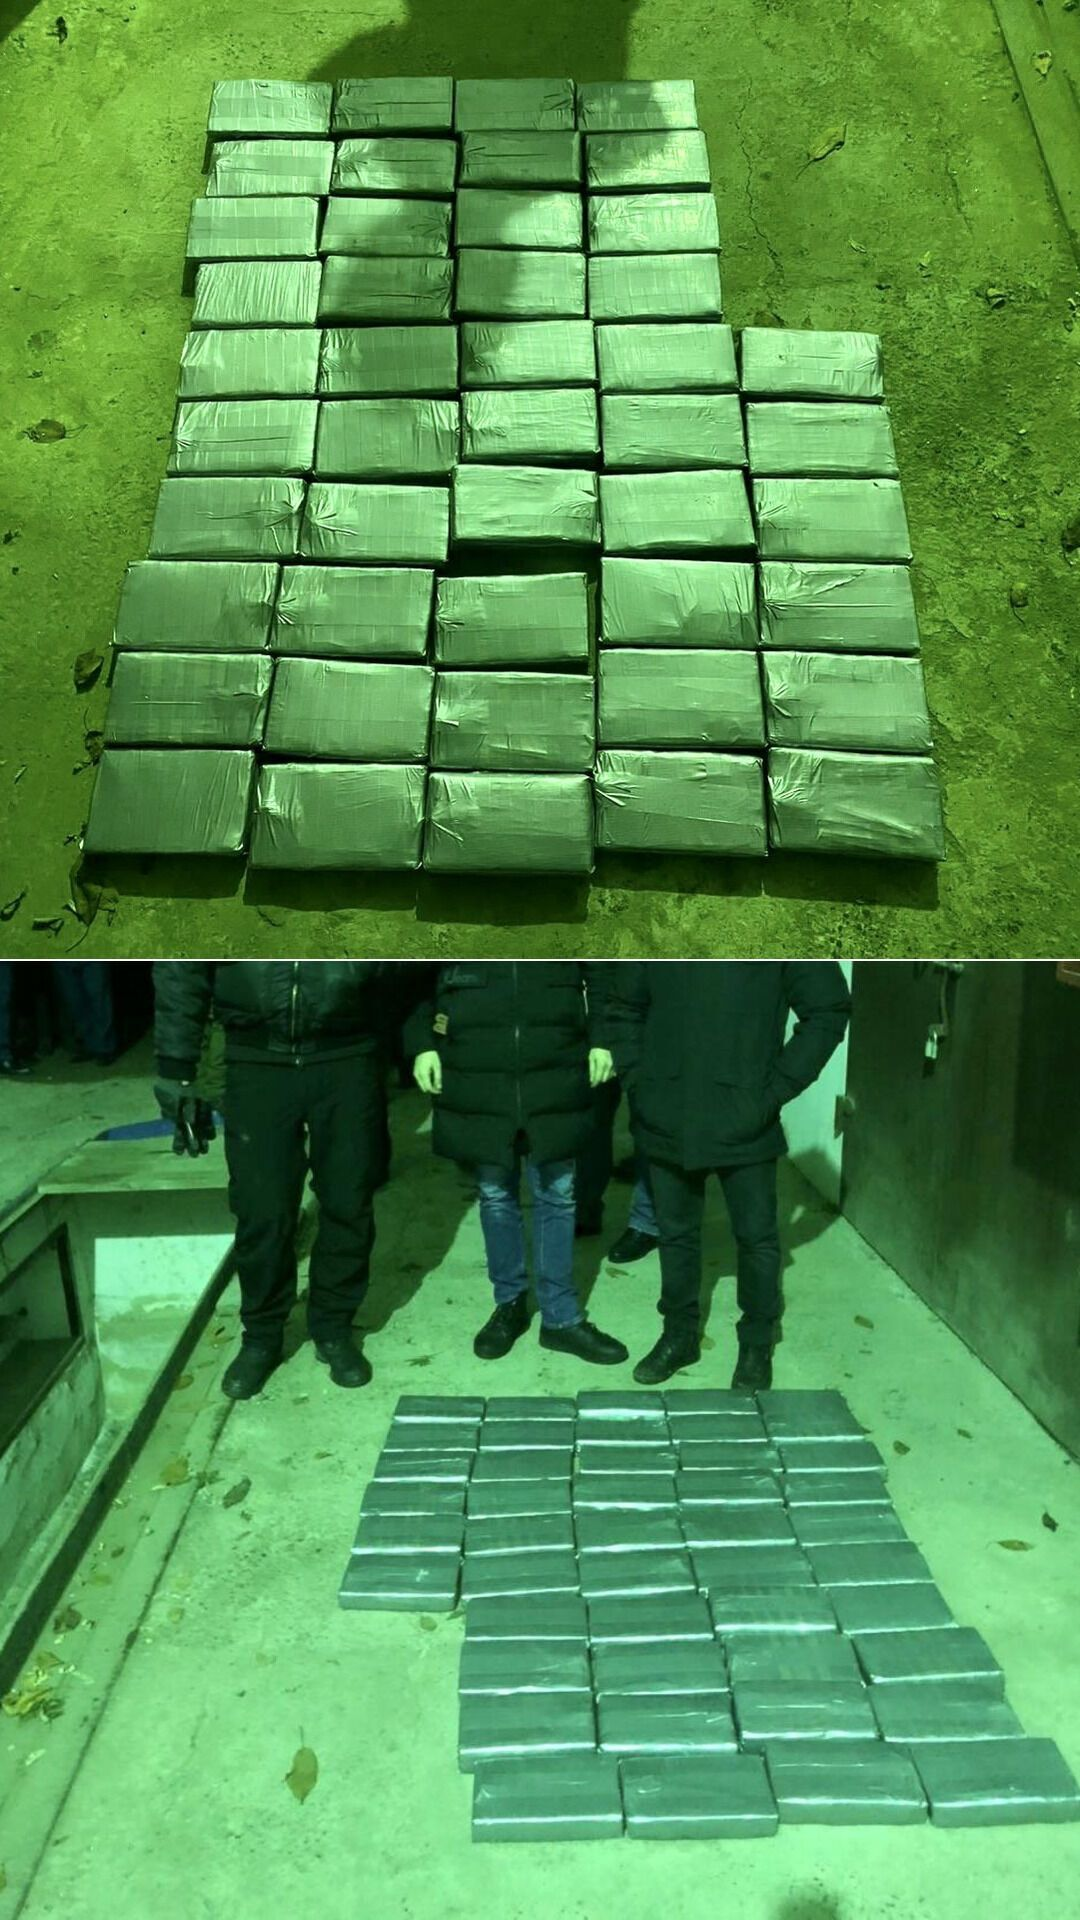 Наркотики были спрятаны в контейнерах с фруктами